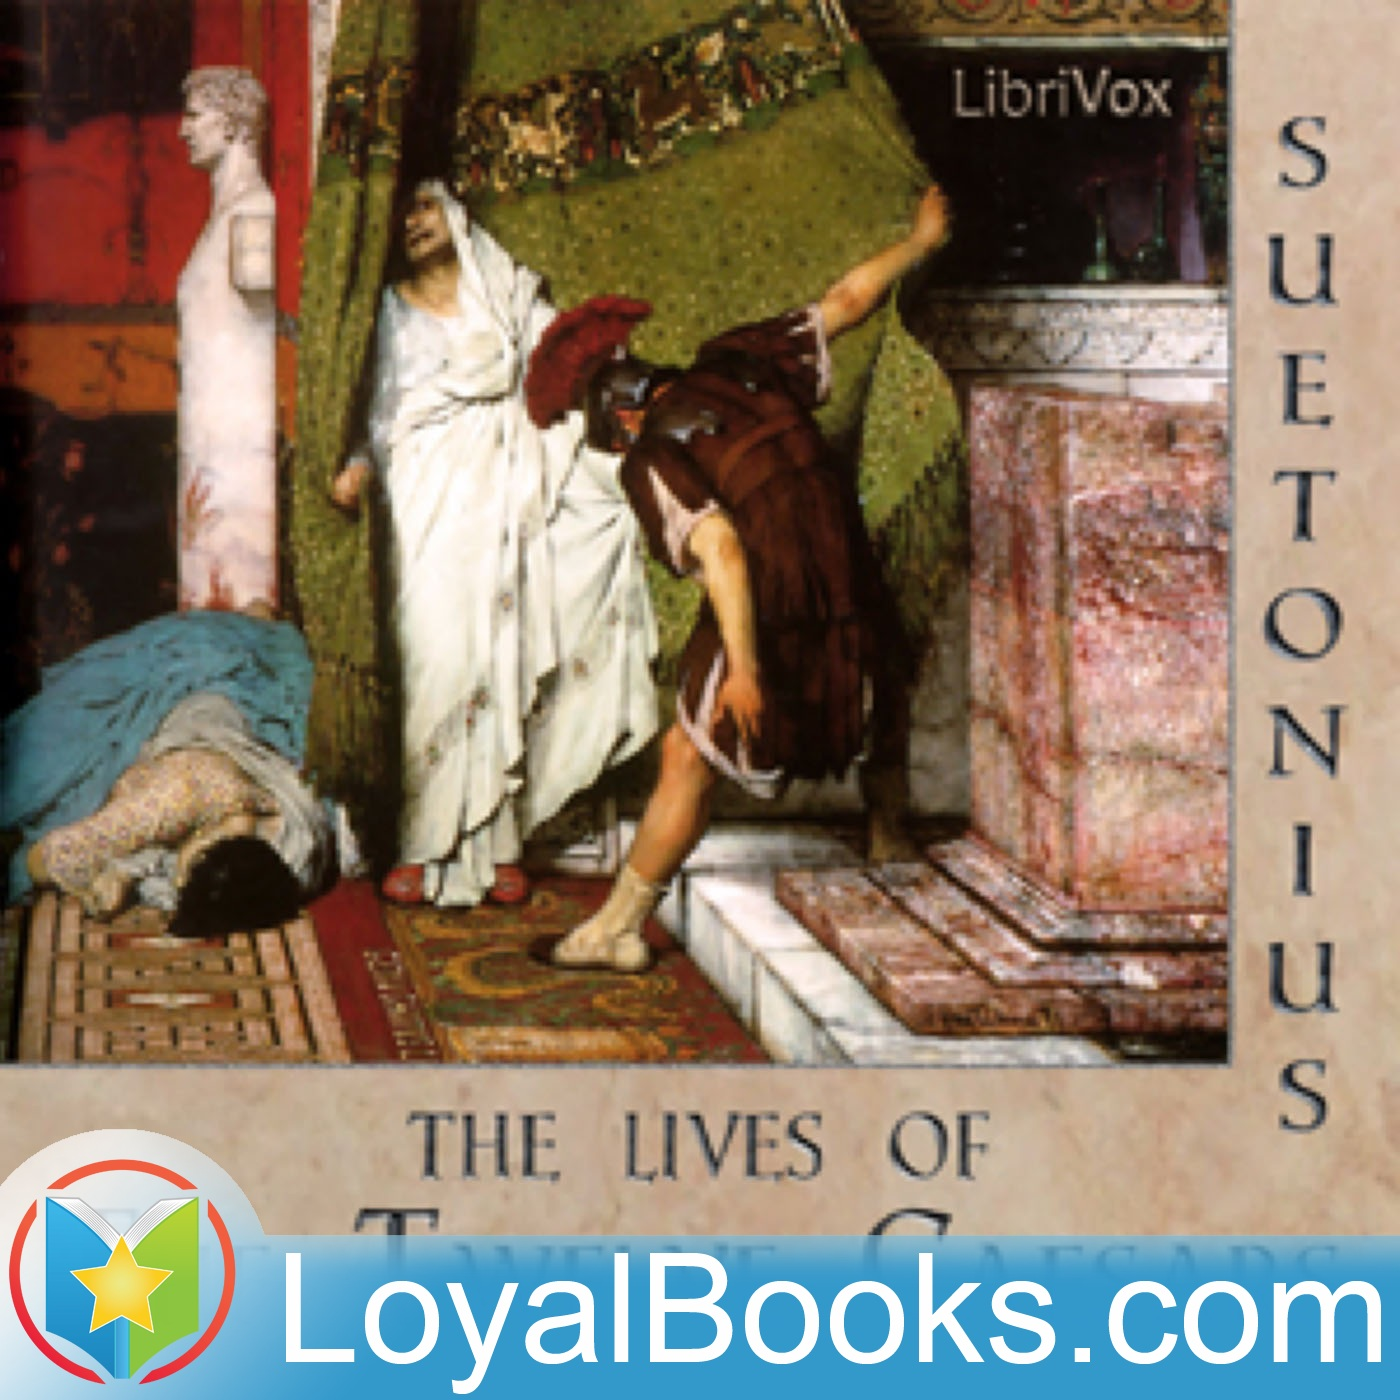 <![CDATA[The Lives of the Twelve Caesars by Gaius Suetonius Tranquillus]]>